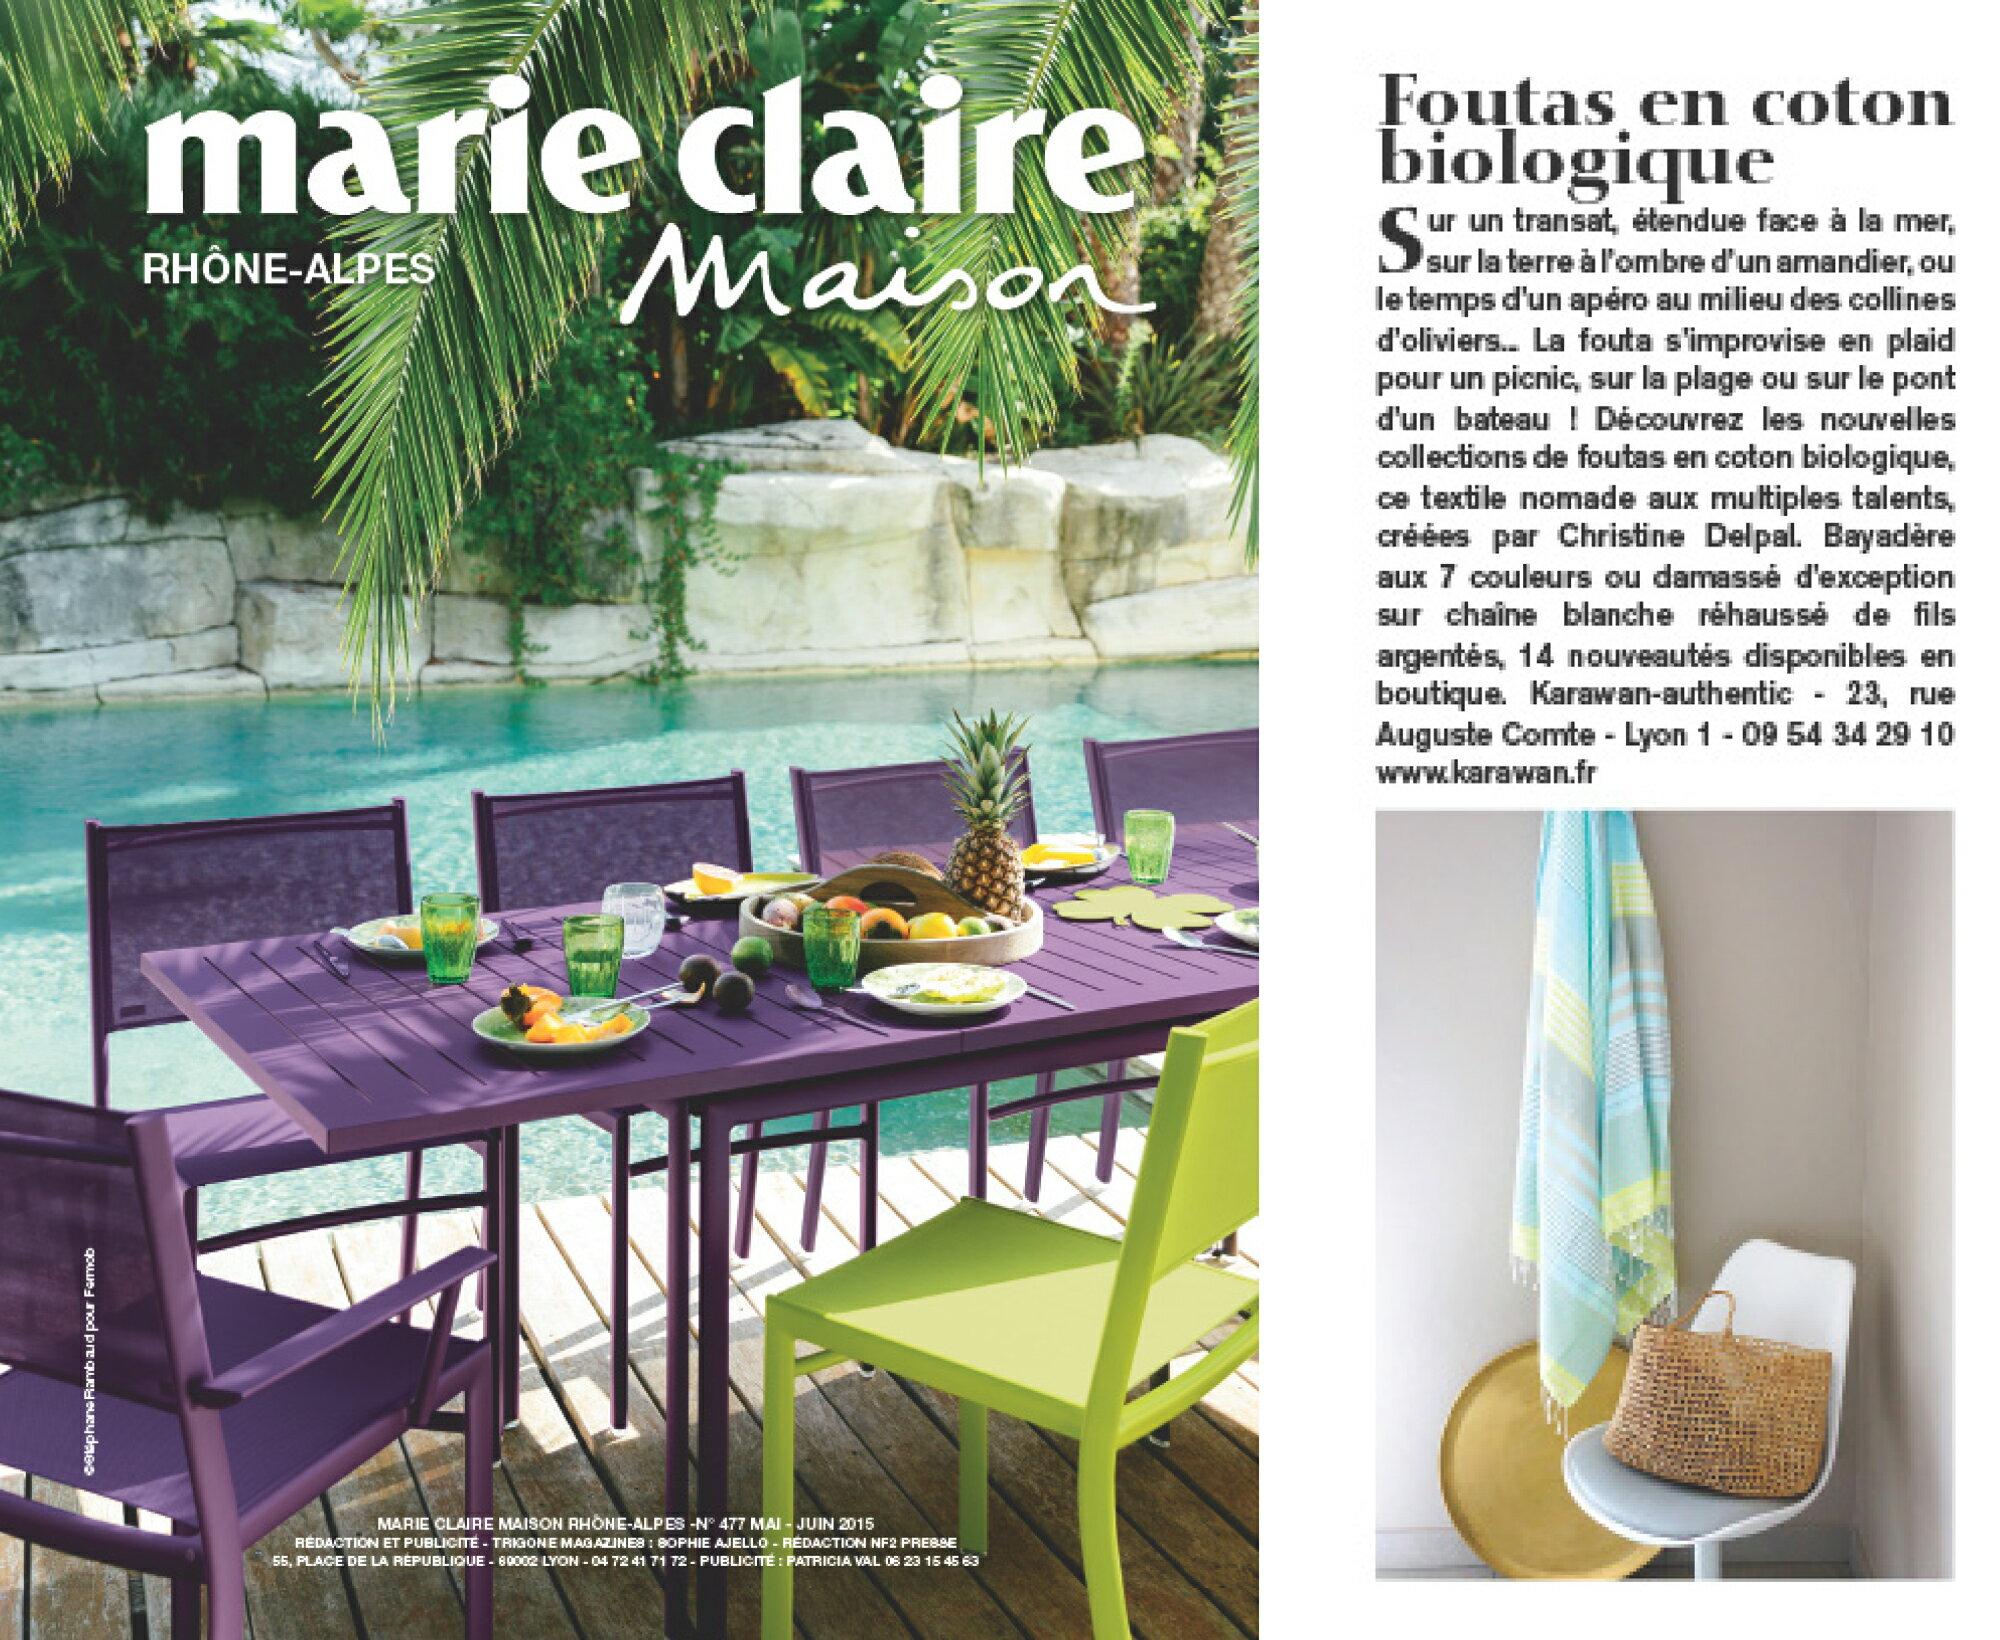 『法國原裝』獨家代理 - 100% Coton Organic  有機綿 (超吸水)歐洲經典 橘色條紋大浴巾 Foutas  0